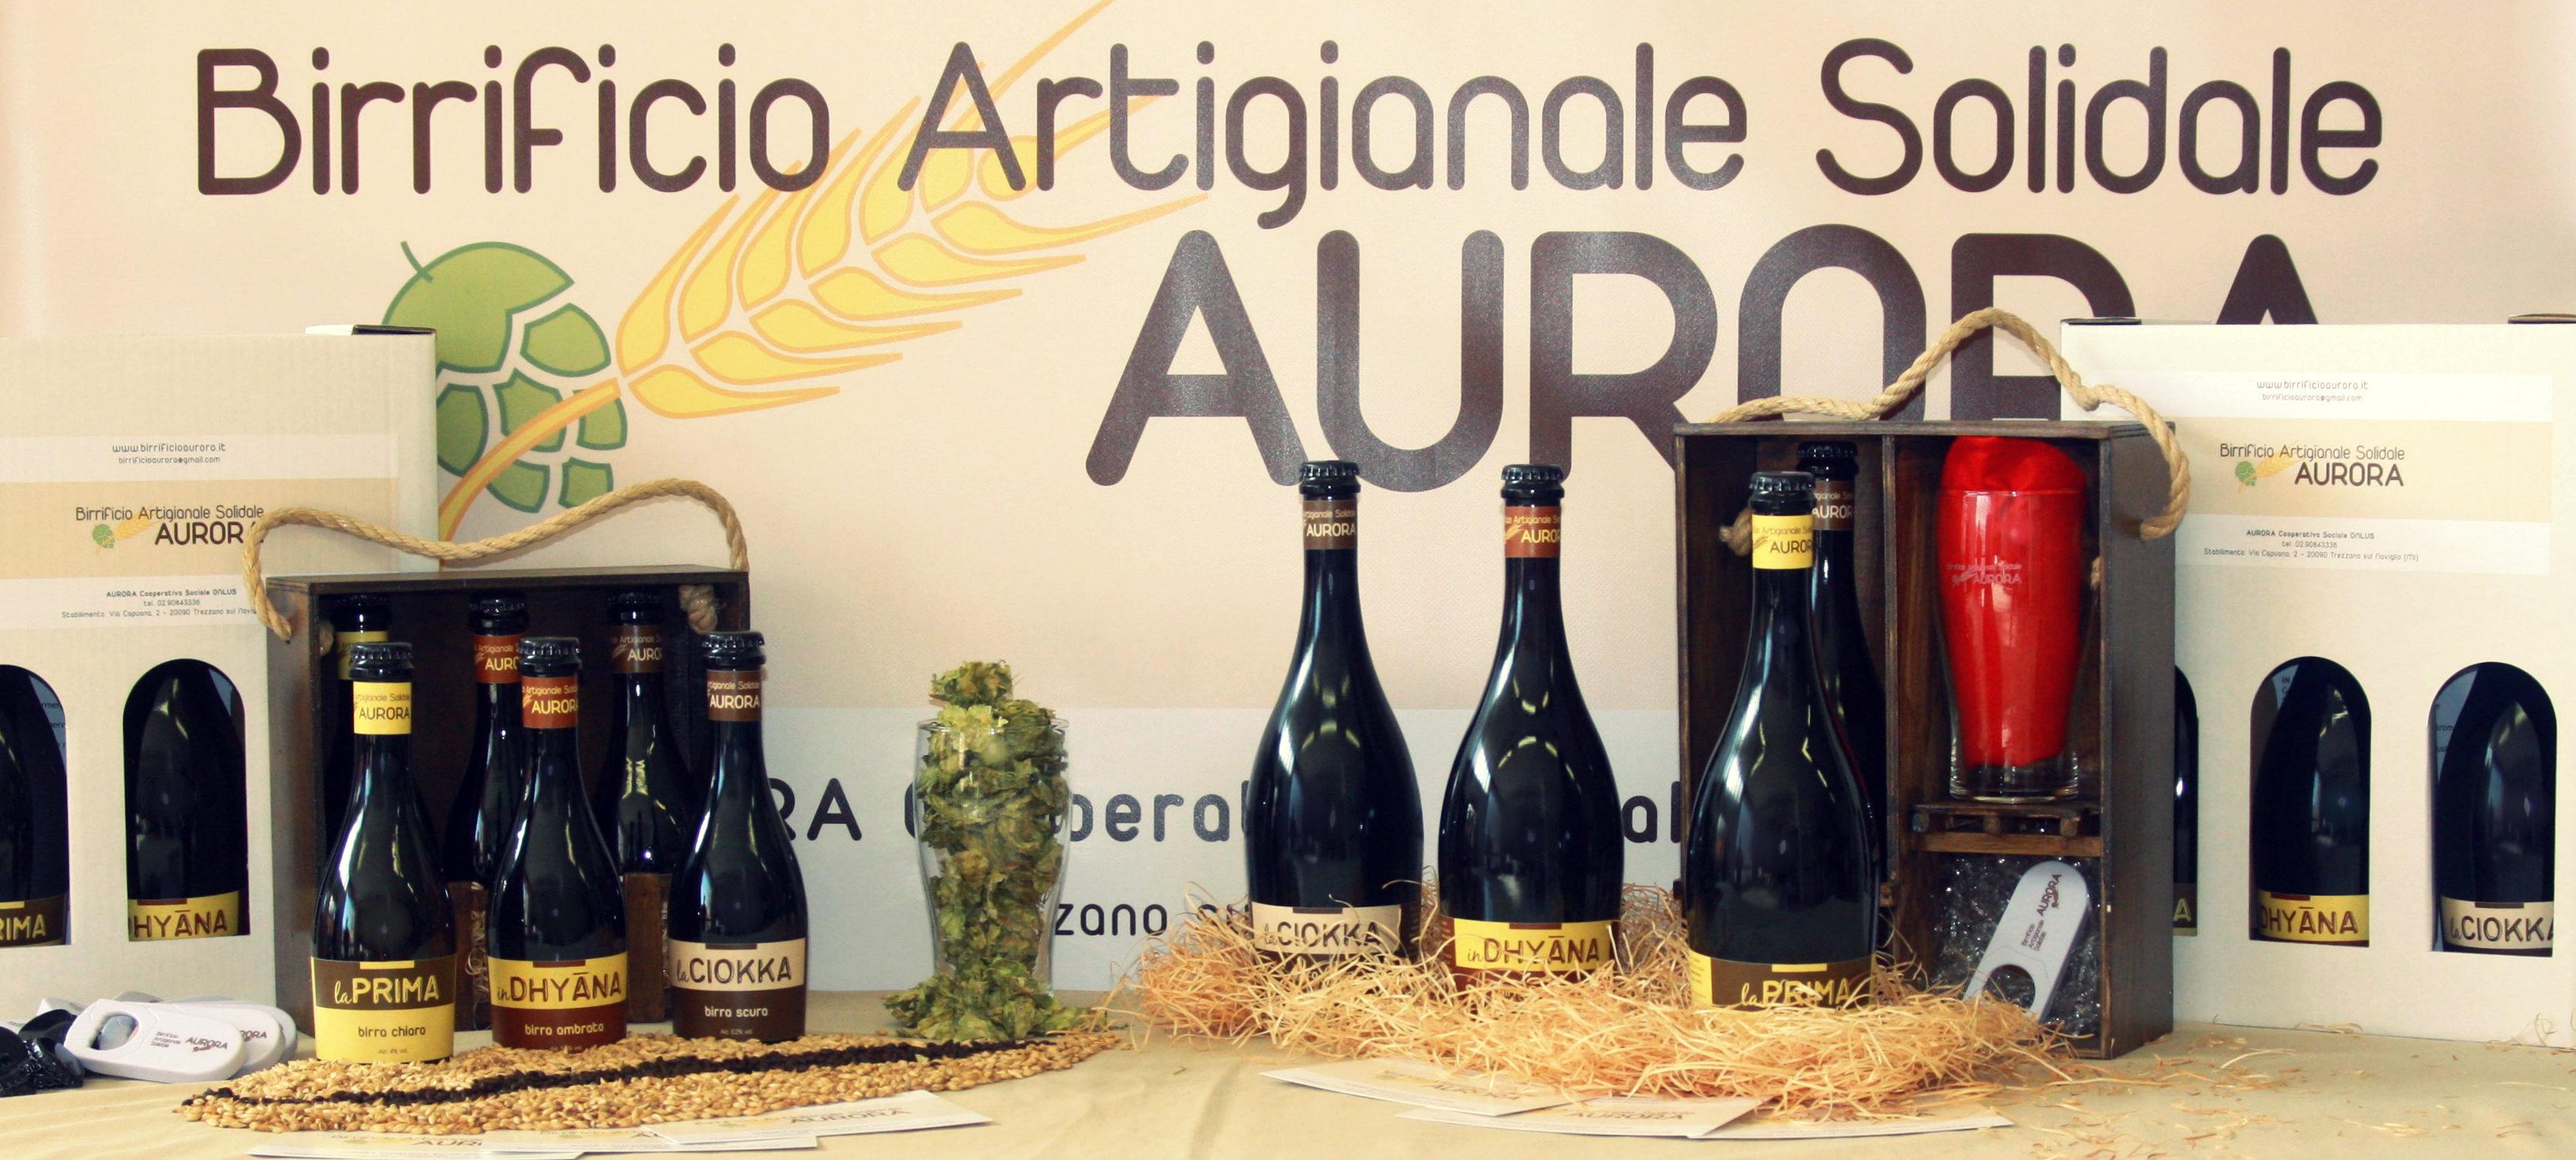 Birrificio Aurora: il fermento solidale della birra